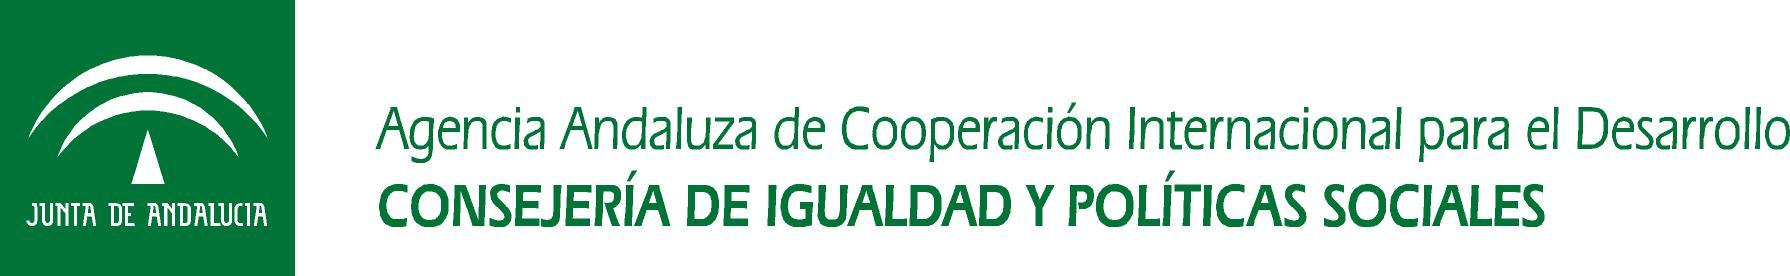 Logo AACID